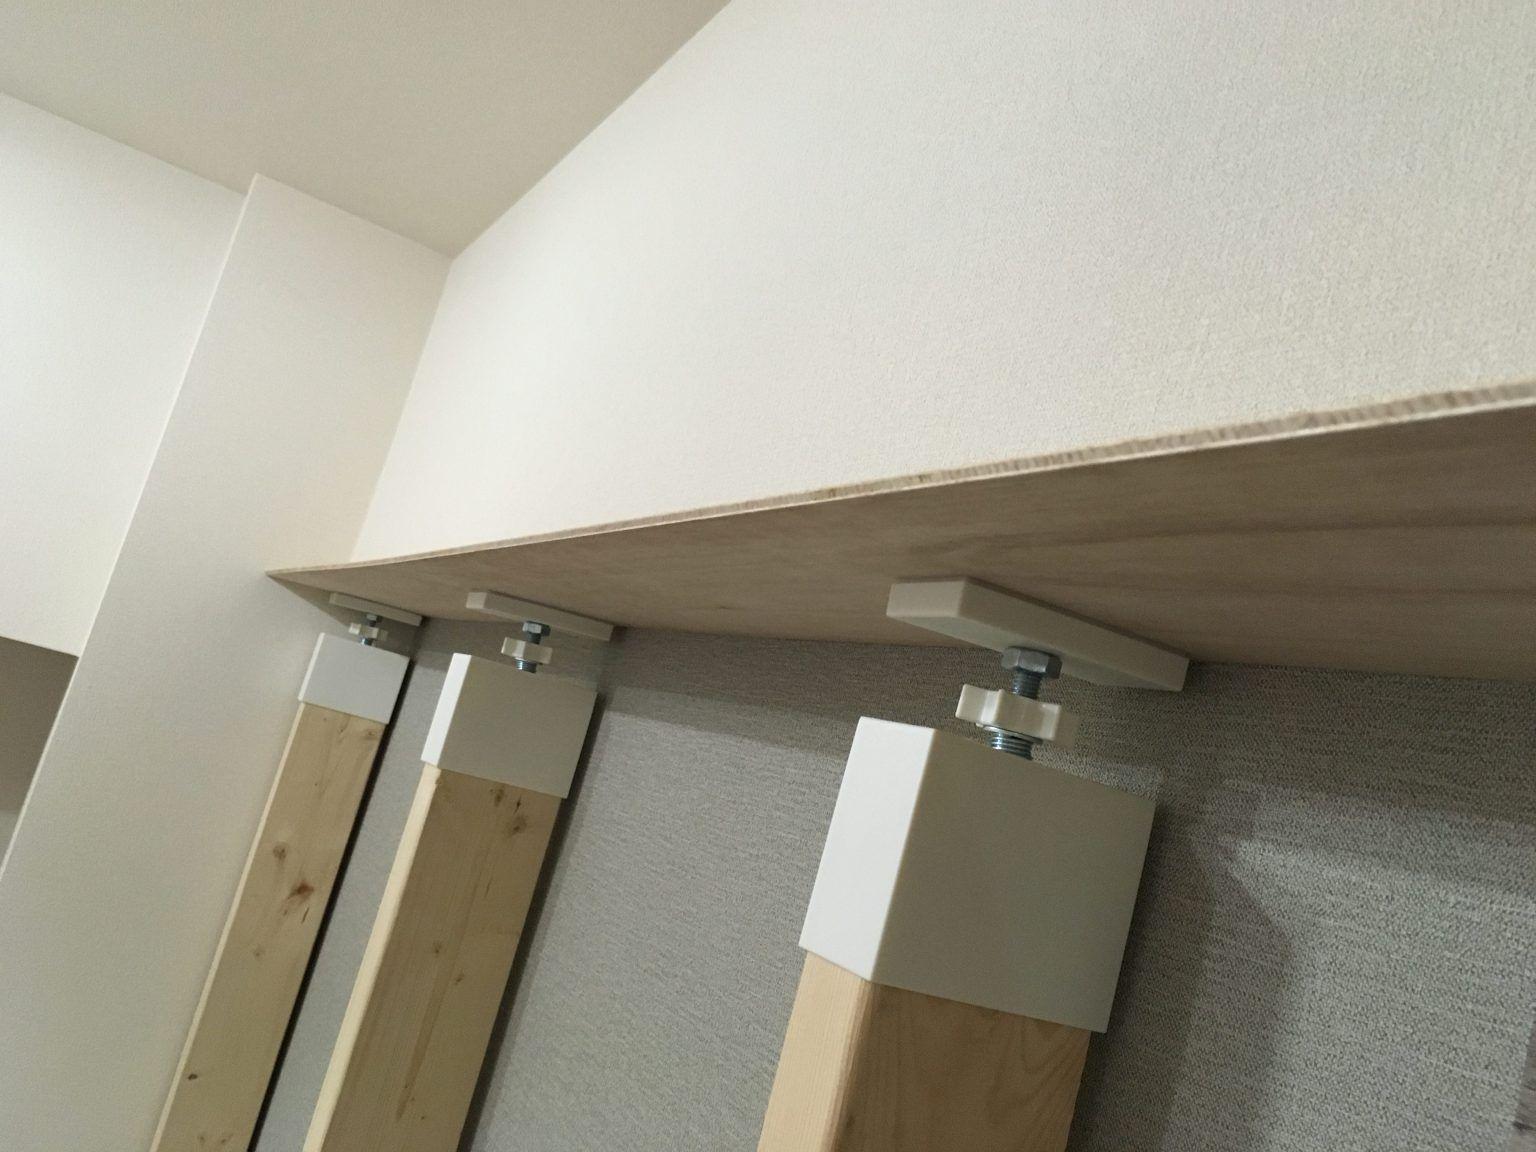 ボード 壁掛けテレビ のピン